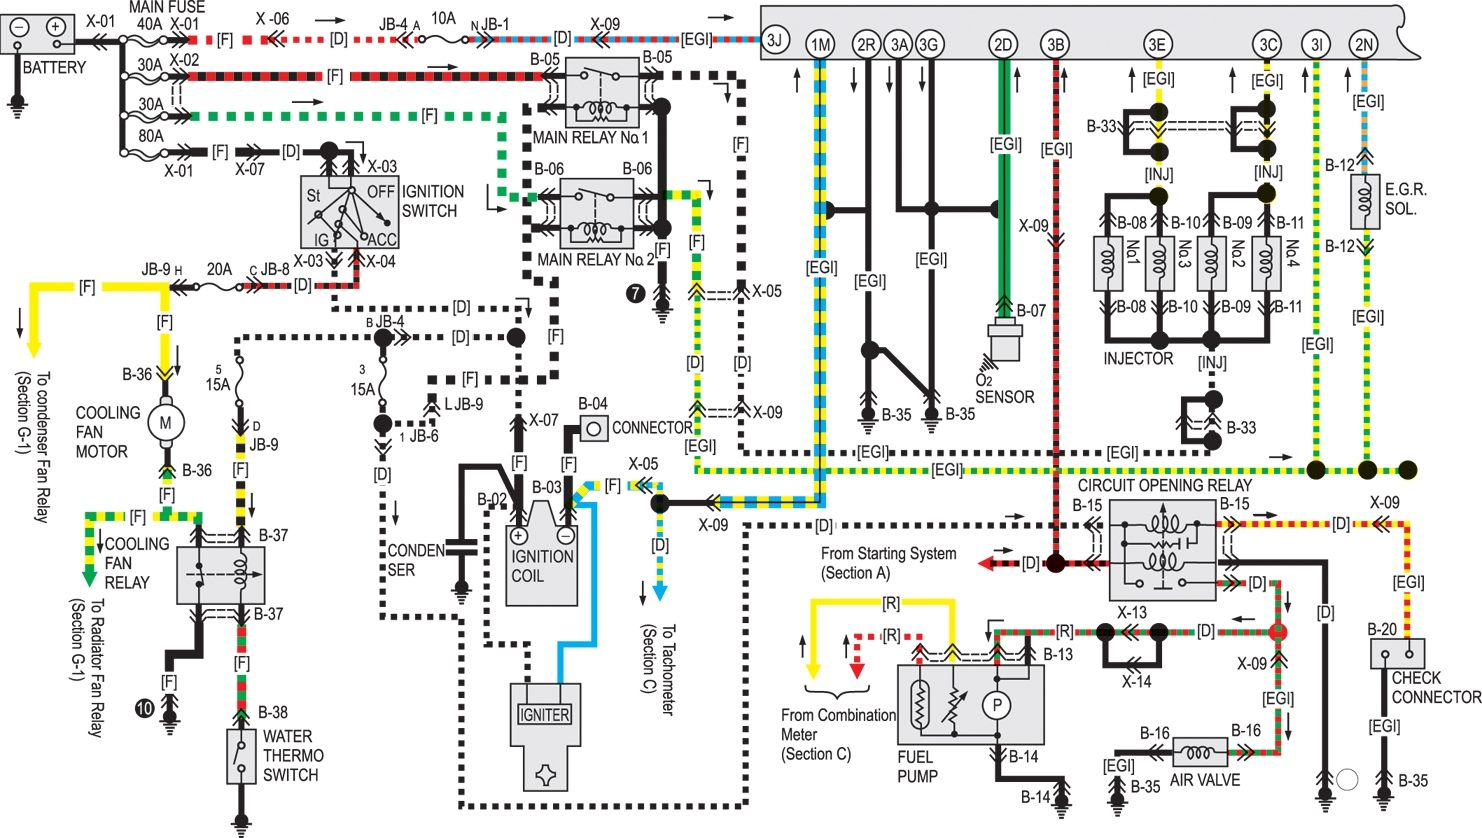 Схема автомобиля мазда 323 принципиальные схемы электрооборудования на mazda 323 1985 1993 г в схема...